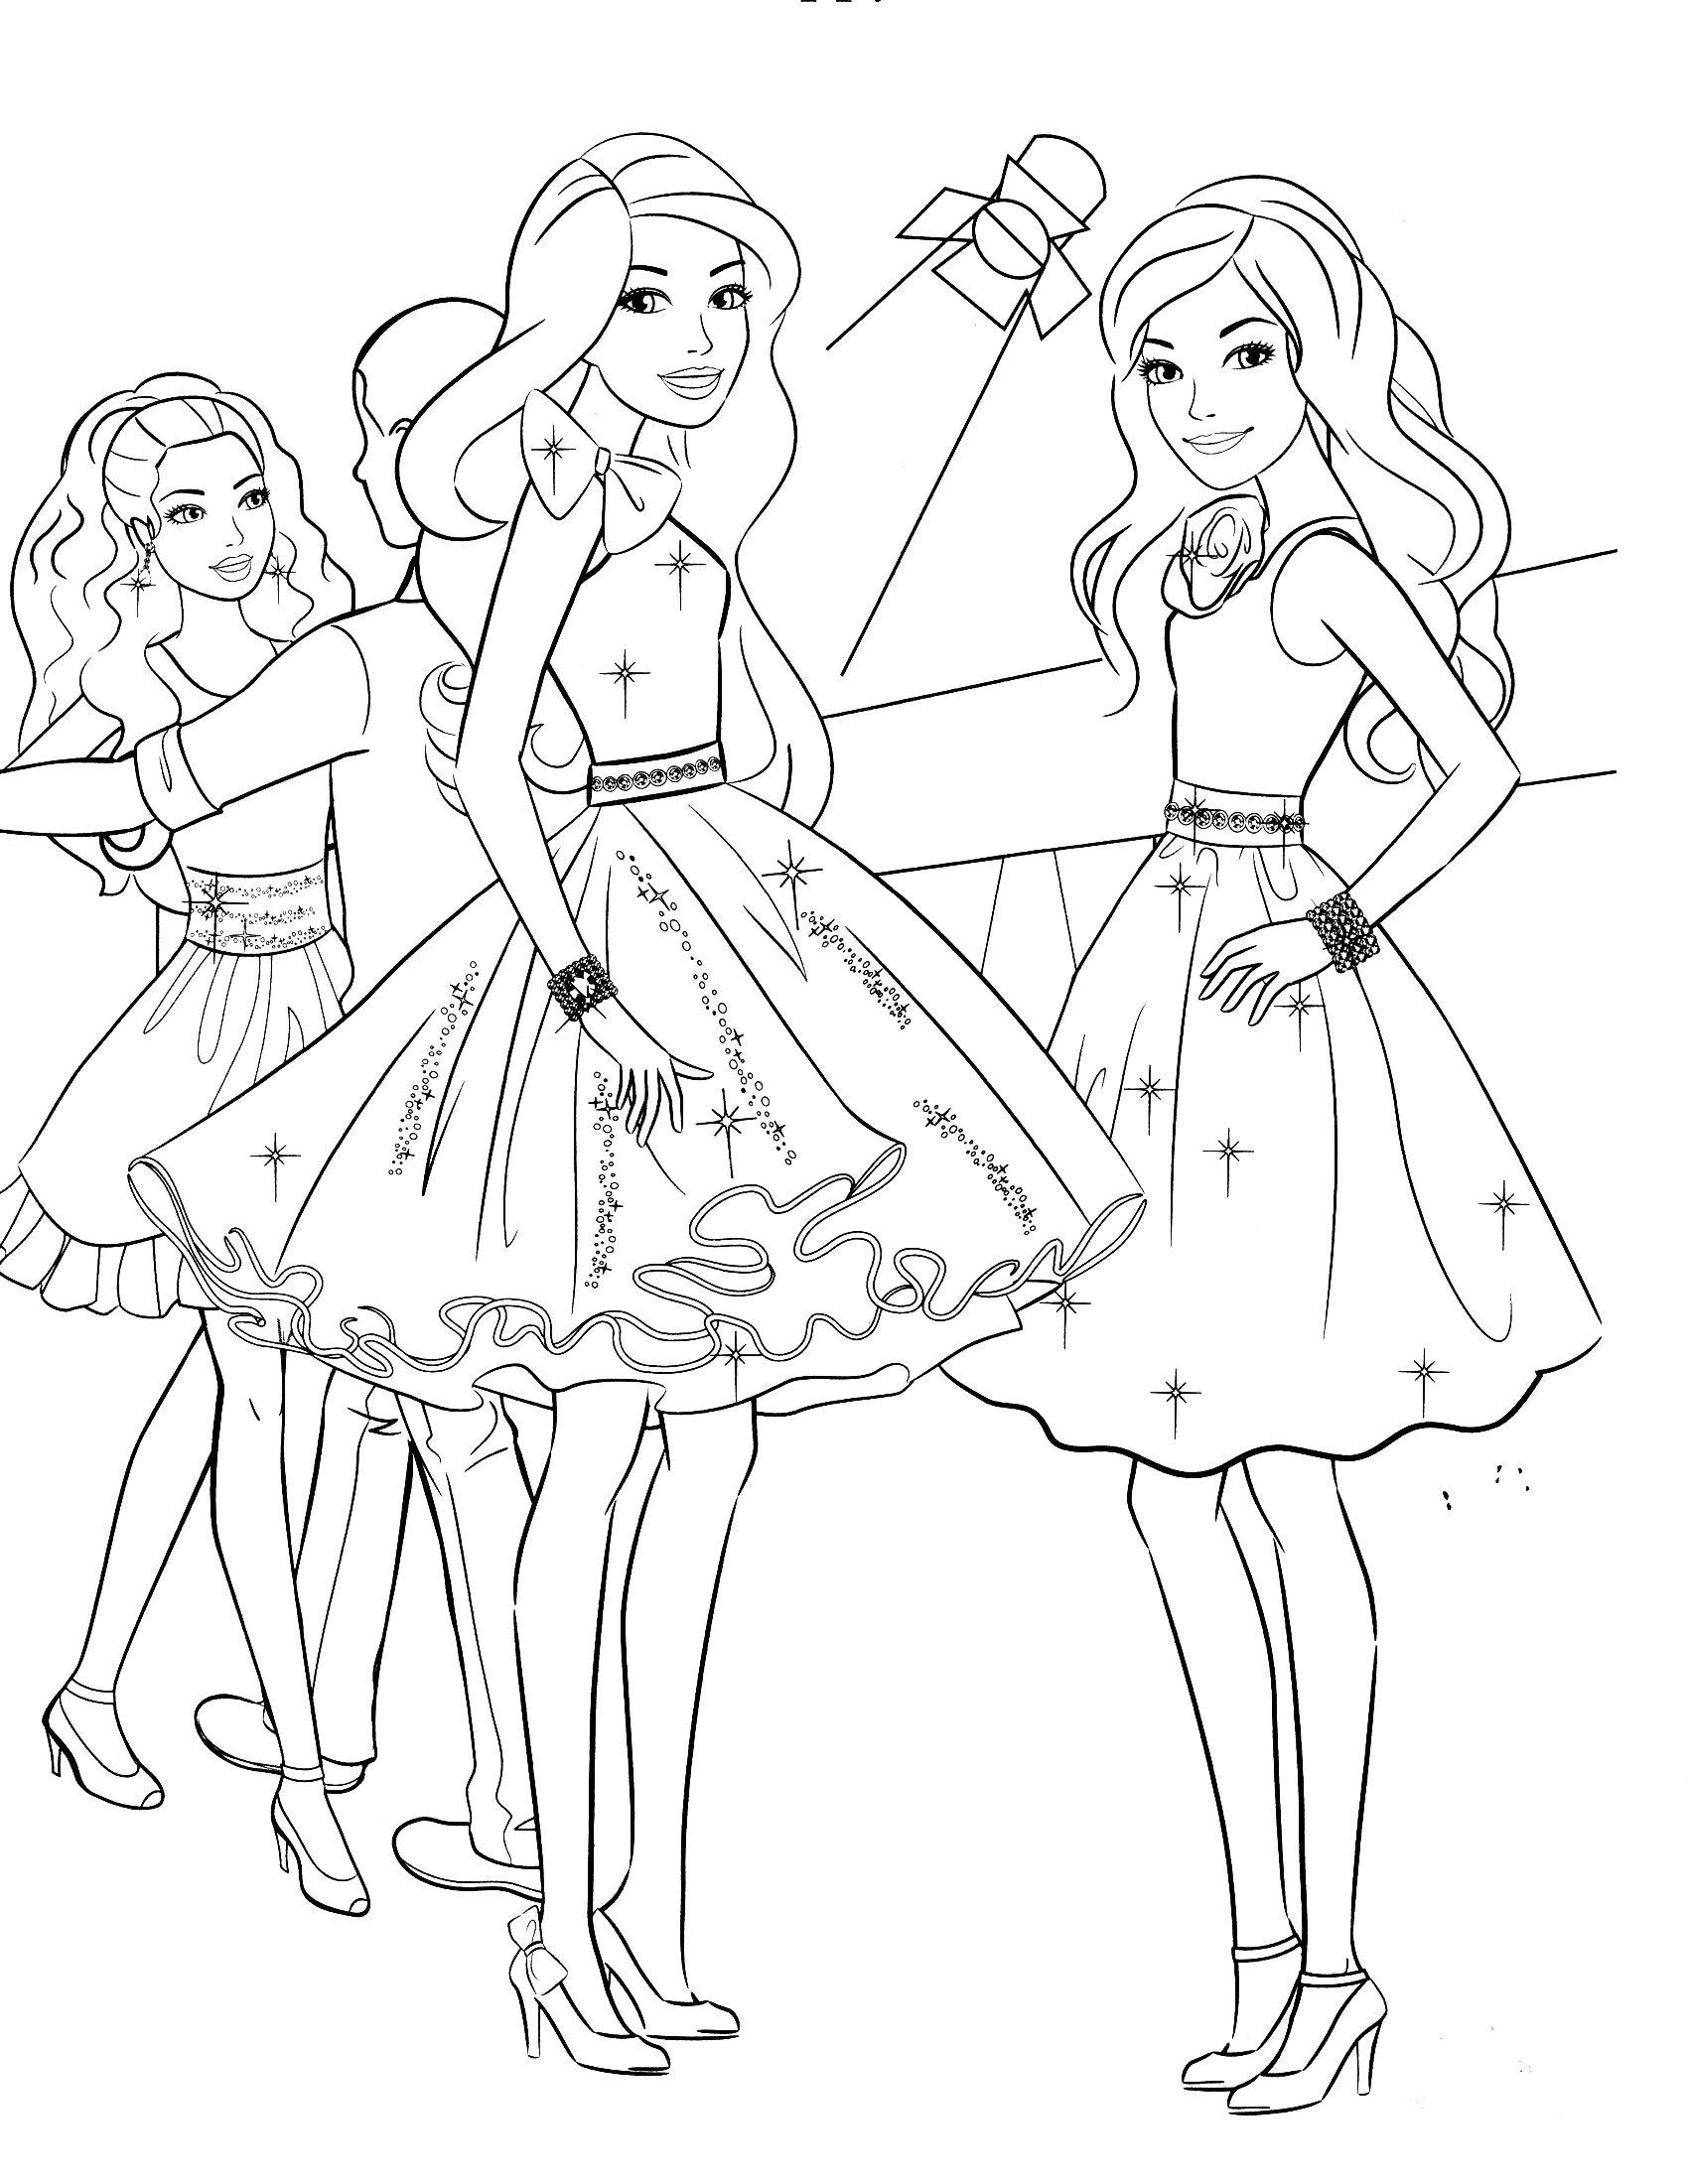 Meilleur De Dessin A Colorier Barbie Et Le Cheval Magique